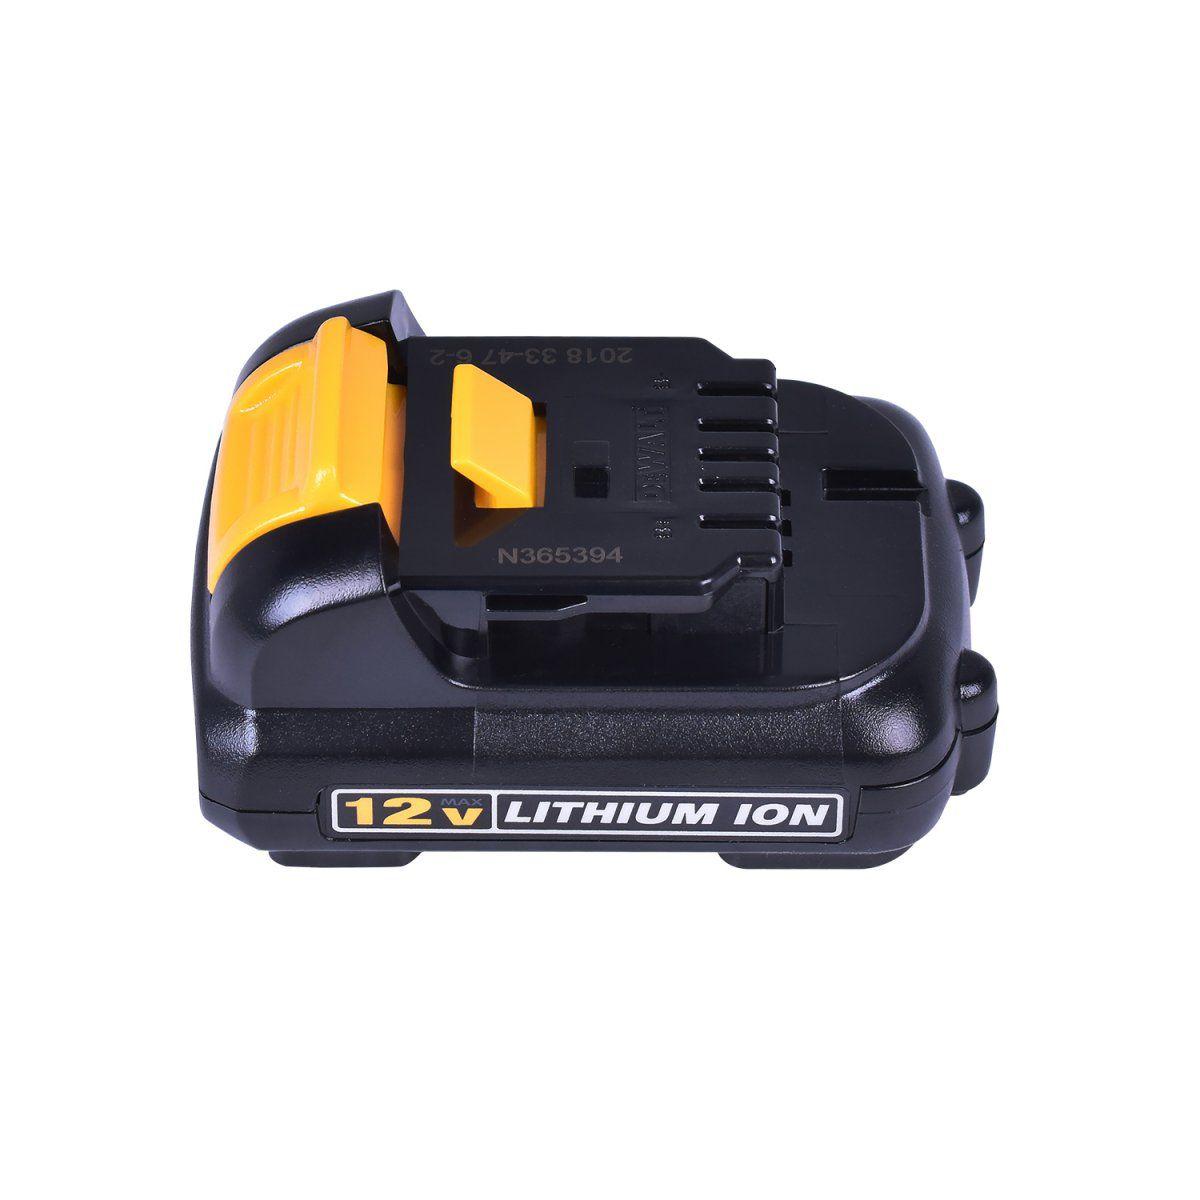 Parafusadeira/Furadeira 3/8 (10mm) com Carregador Bivolt, 2 Baterias 12V MAX* 1,3 Ah e Bolsa para transporte DEWALT